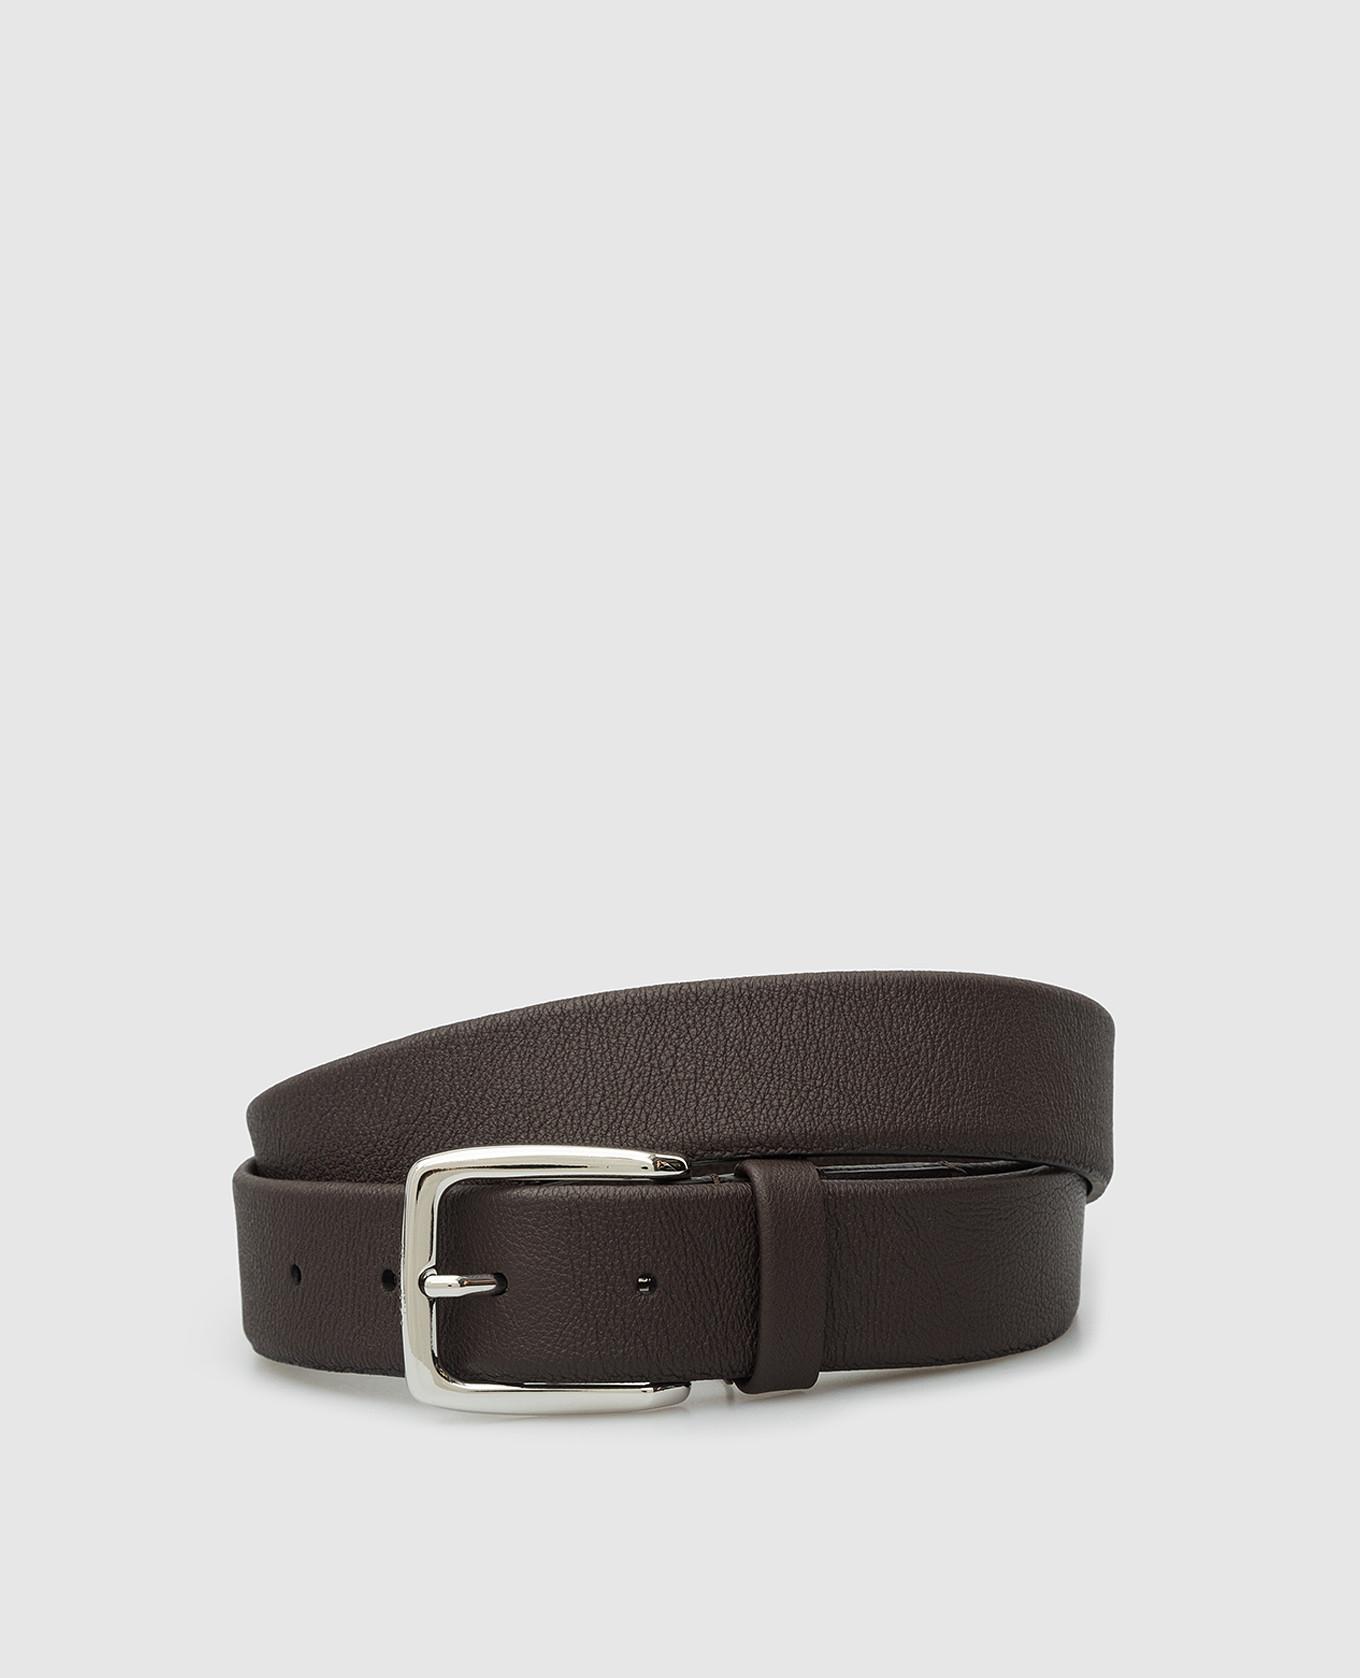 Темно-коричневый кожаный ремень Tivoli MooRER